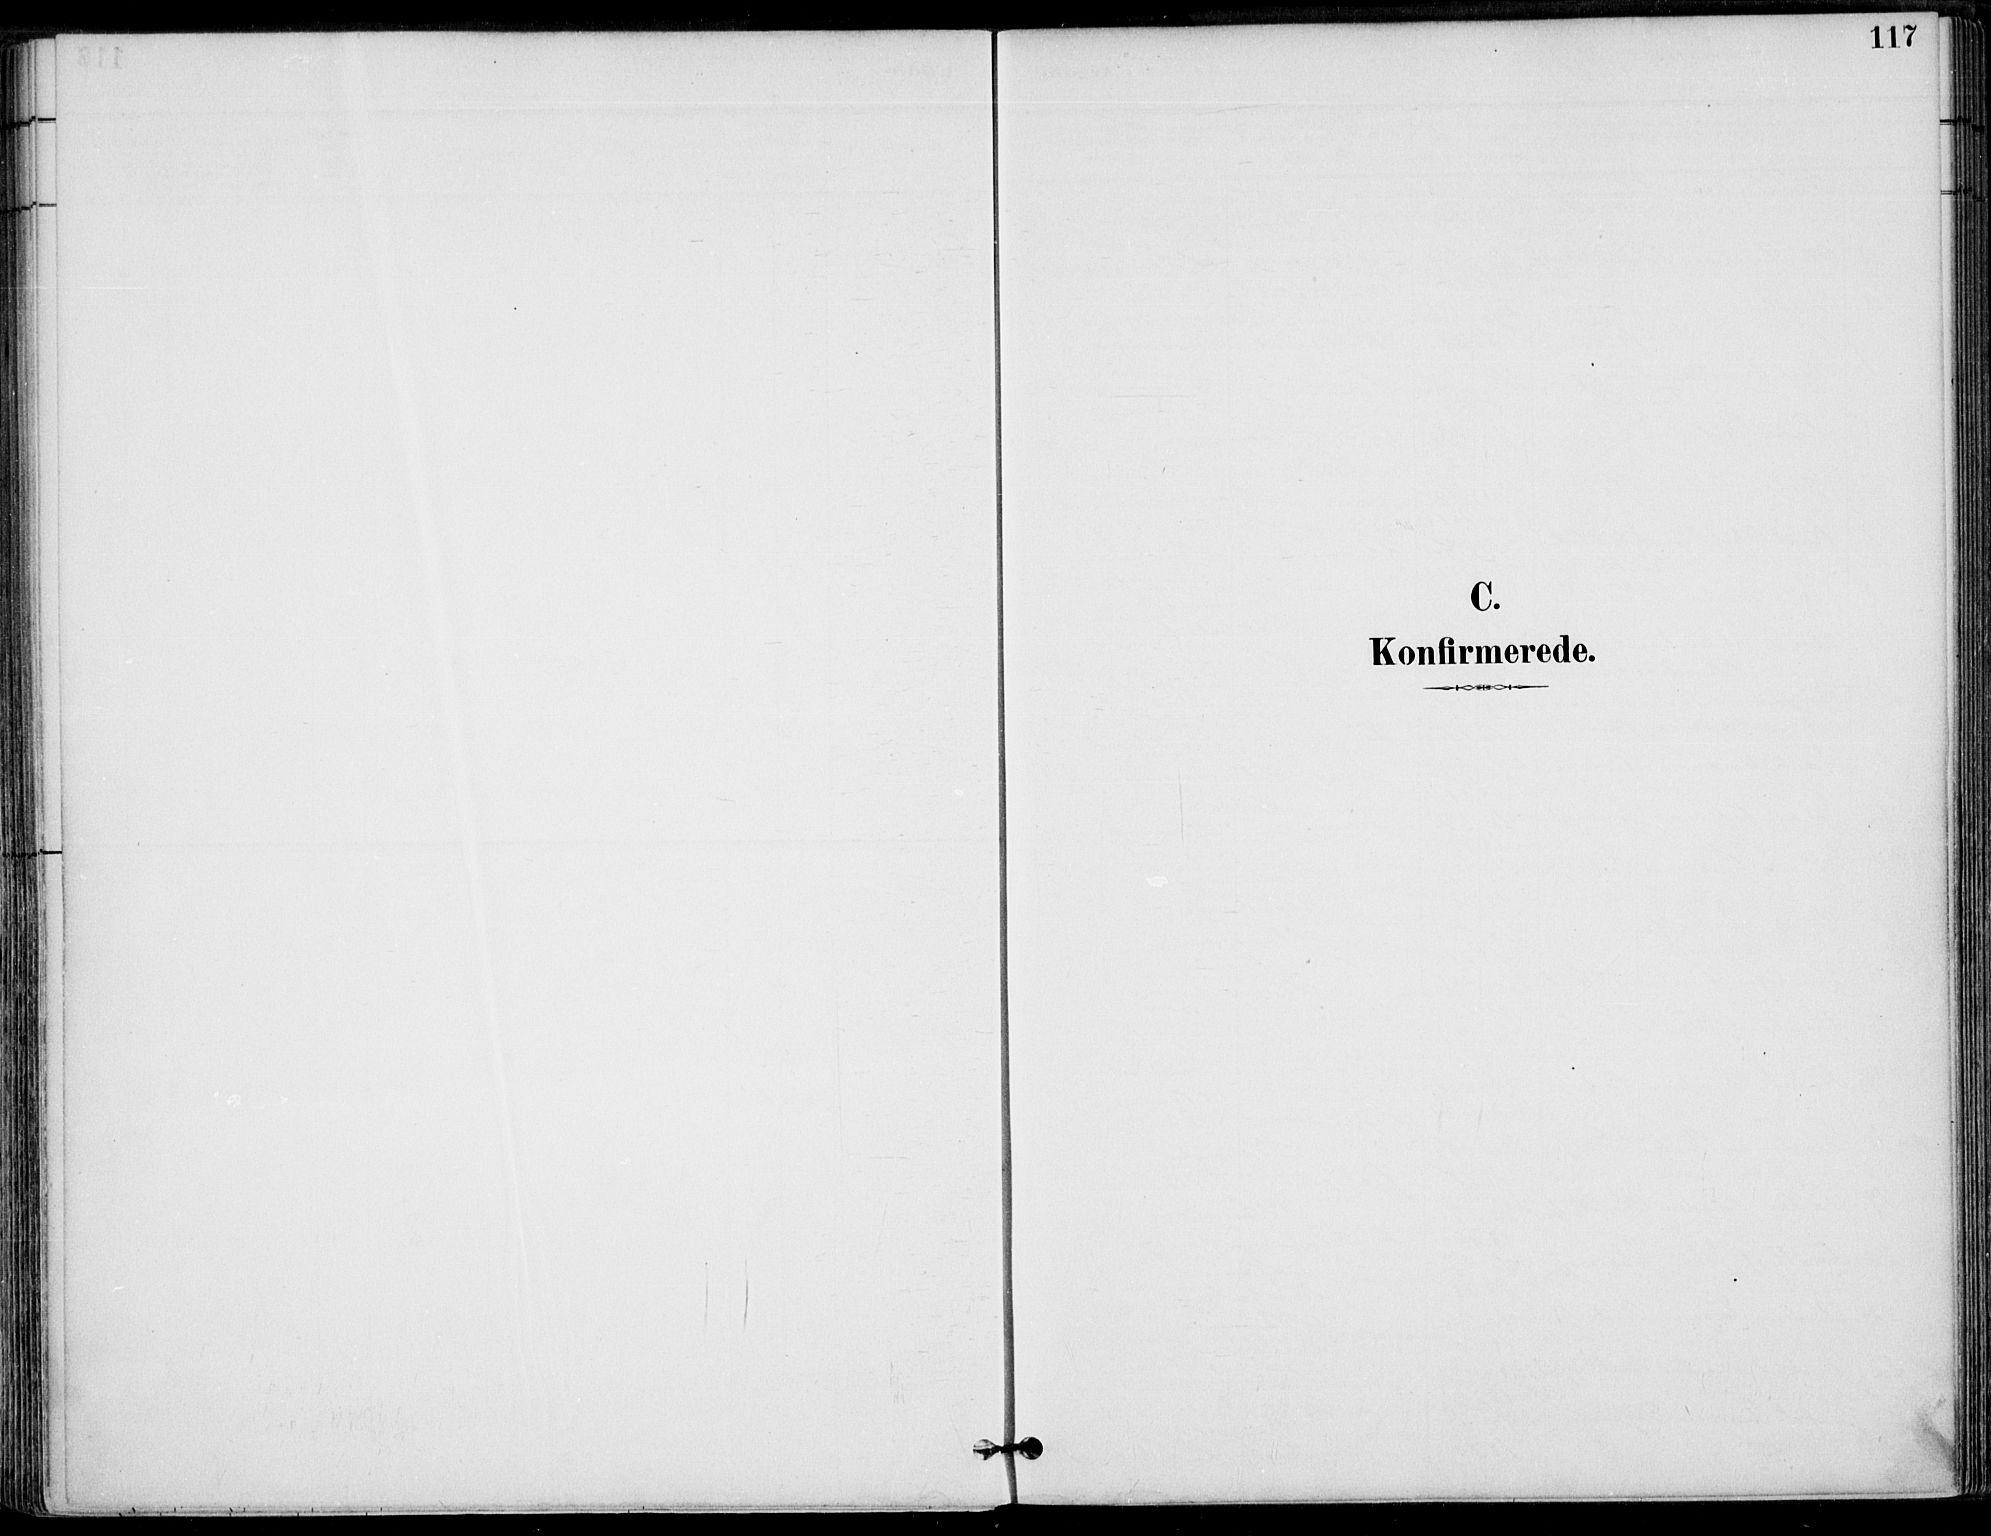 SAT, Ministerialprotokoller, klokkerbøker og fødselsregistre - Nordland, 825/L0362: Parish register (official) no. 825A16, 1886-1908, p. 117